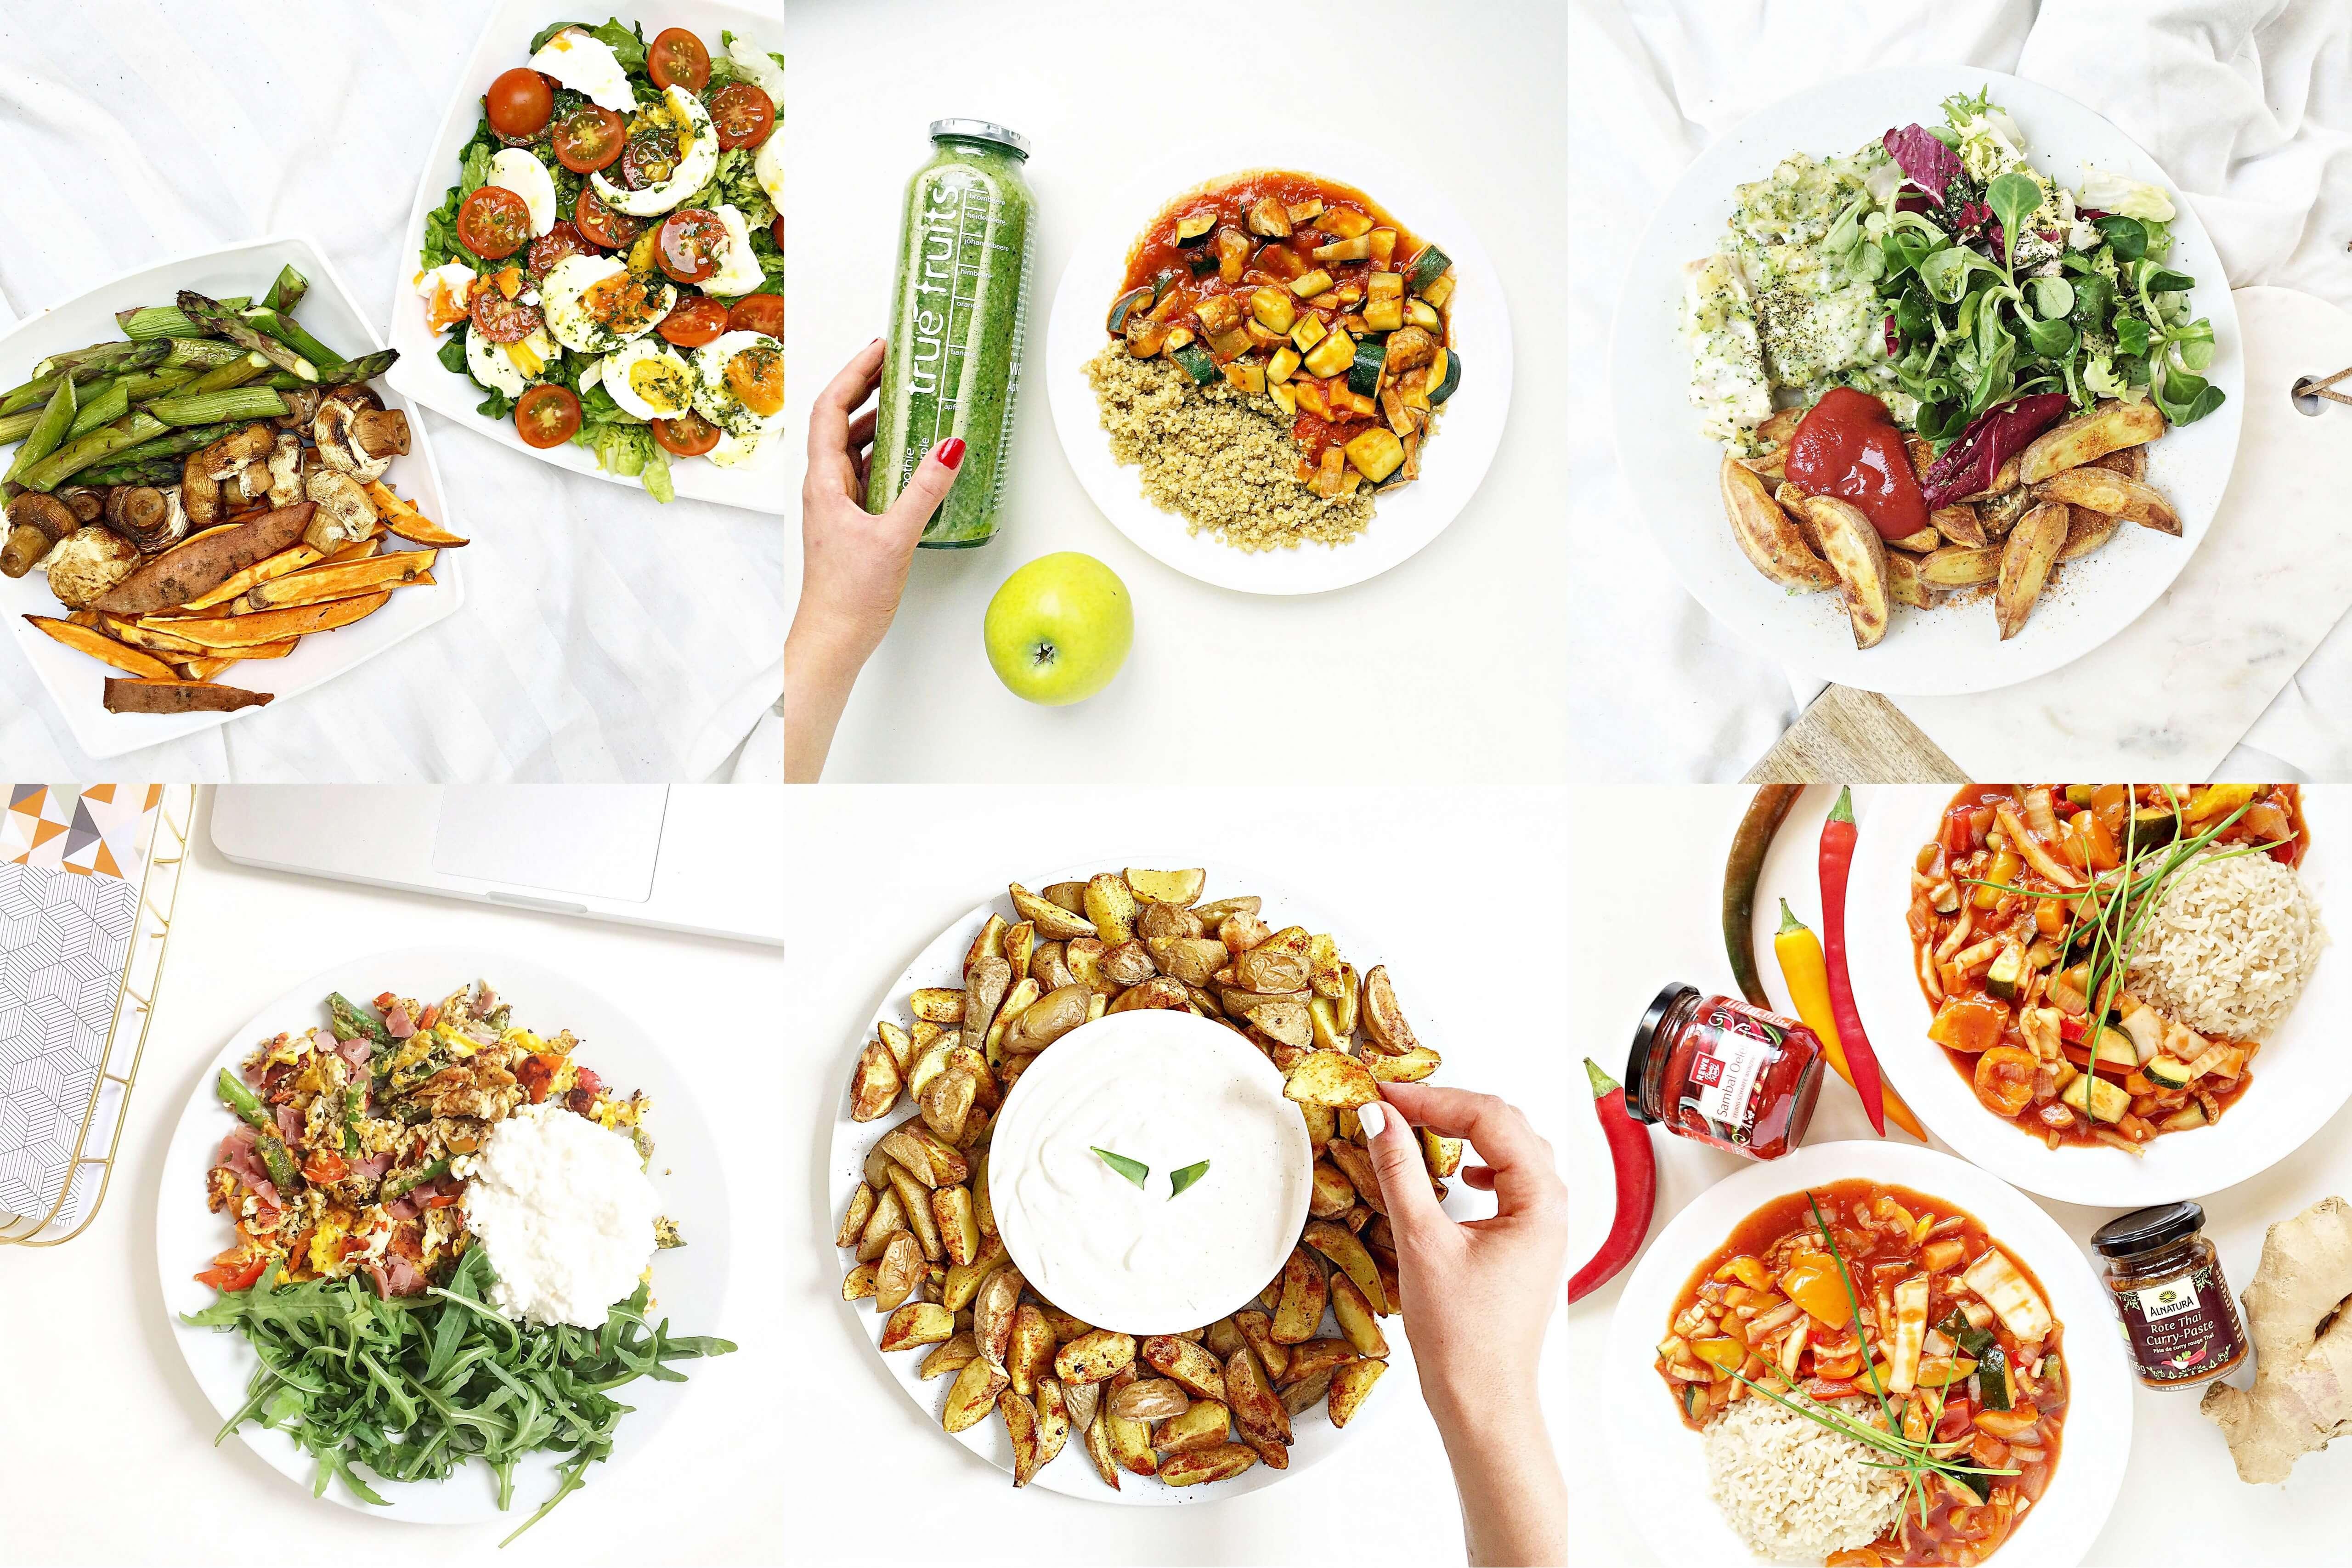 6 lunch ideen gesund schnell lecker. Black Bedroom Furniture Sets. Home Design Ideas